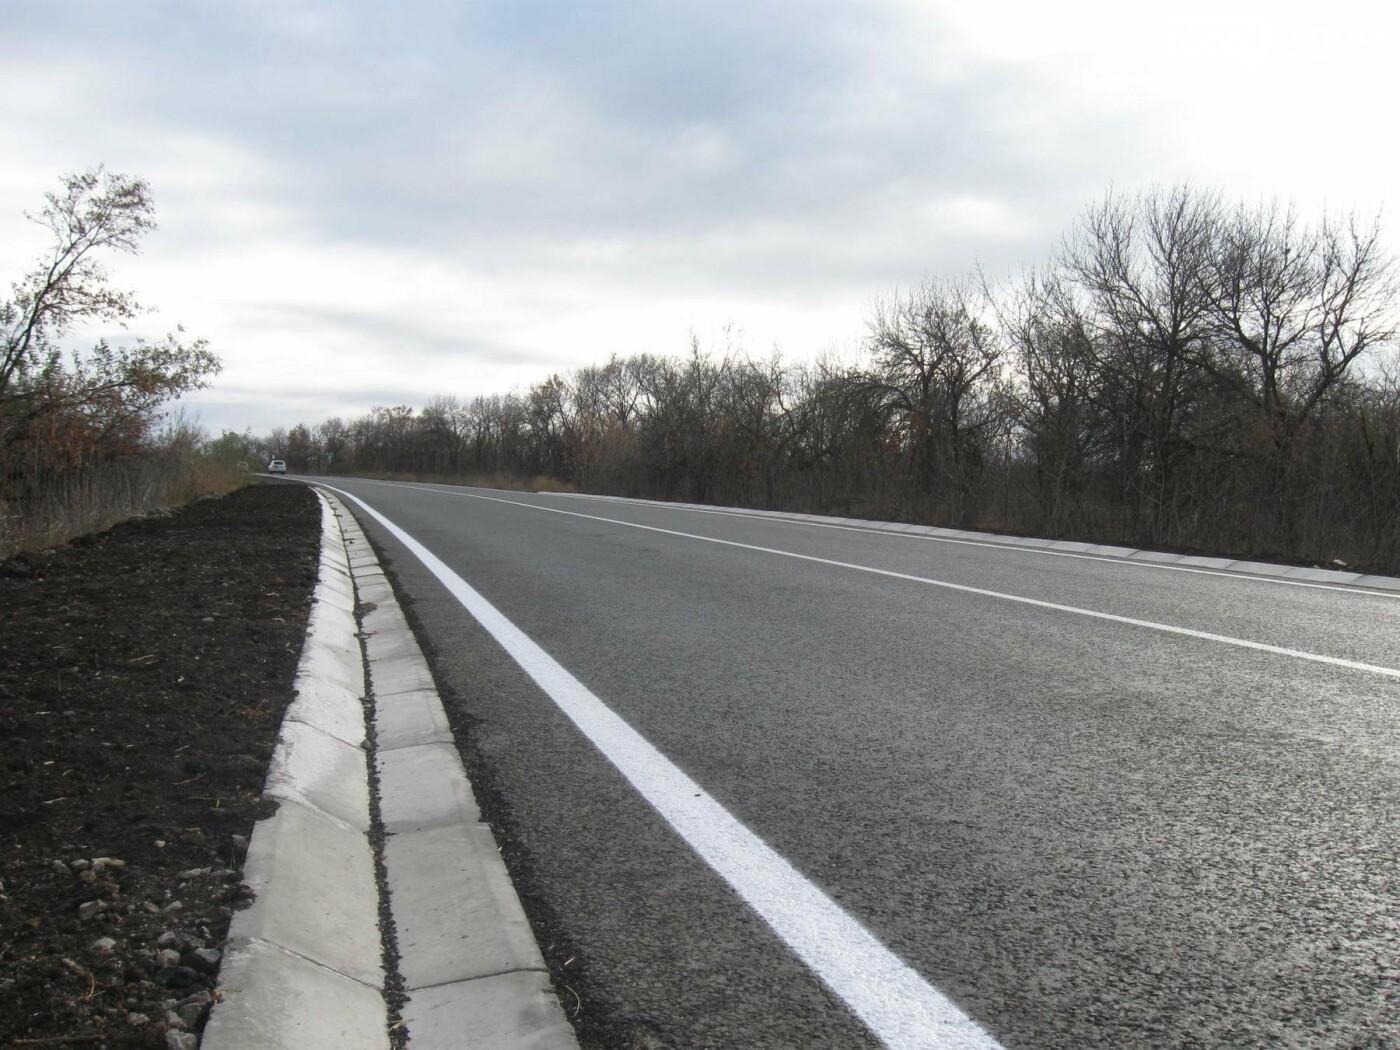 Завершен ремонт участка международной трассы от Славянска в направлении Бахмута, фото-3